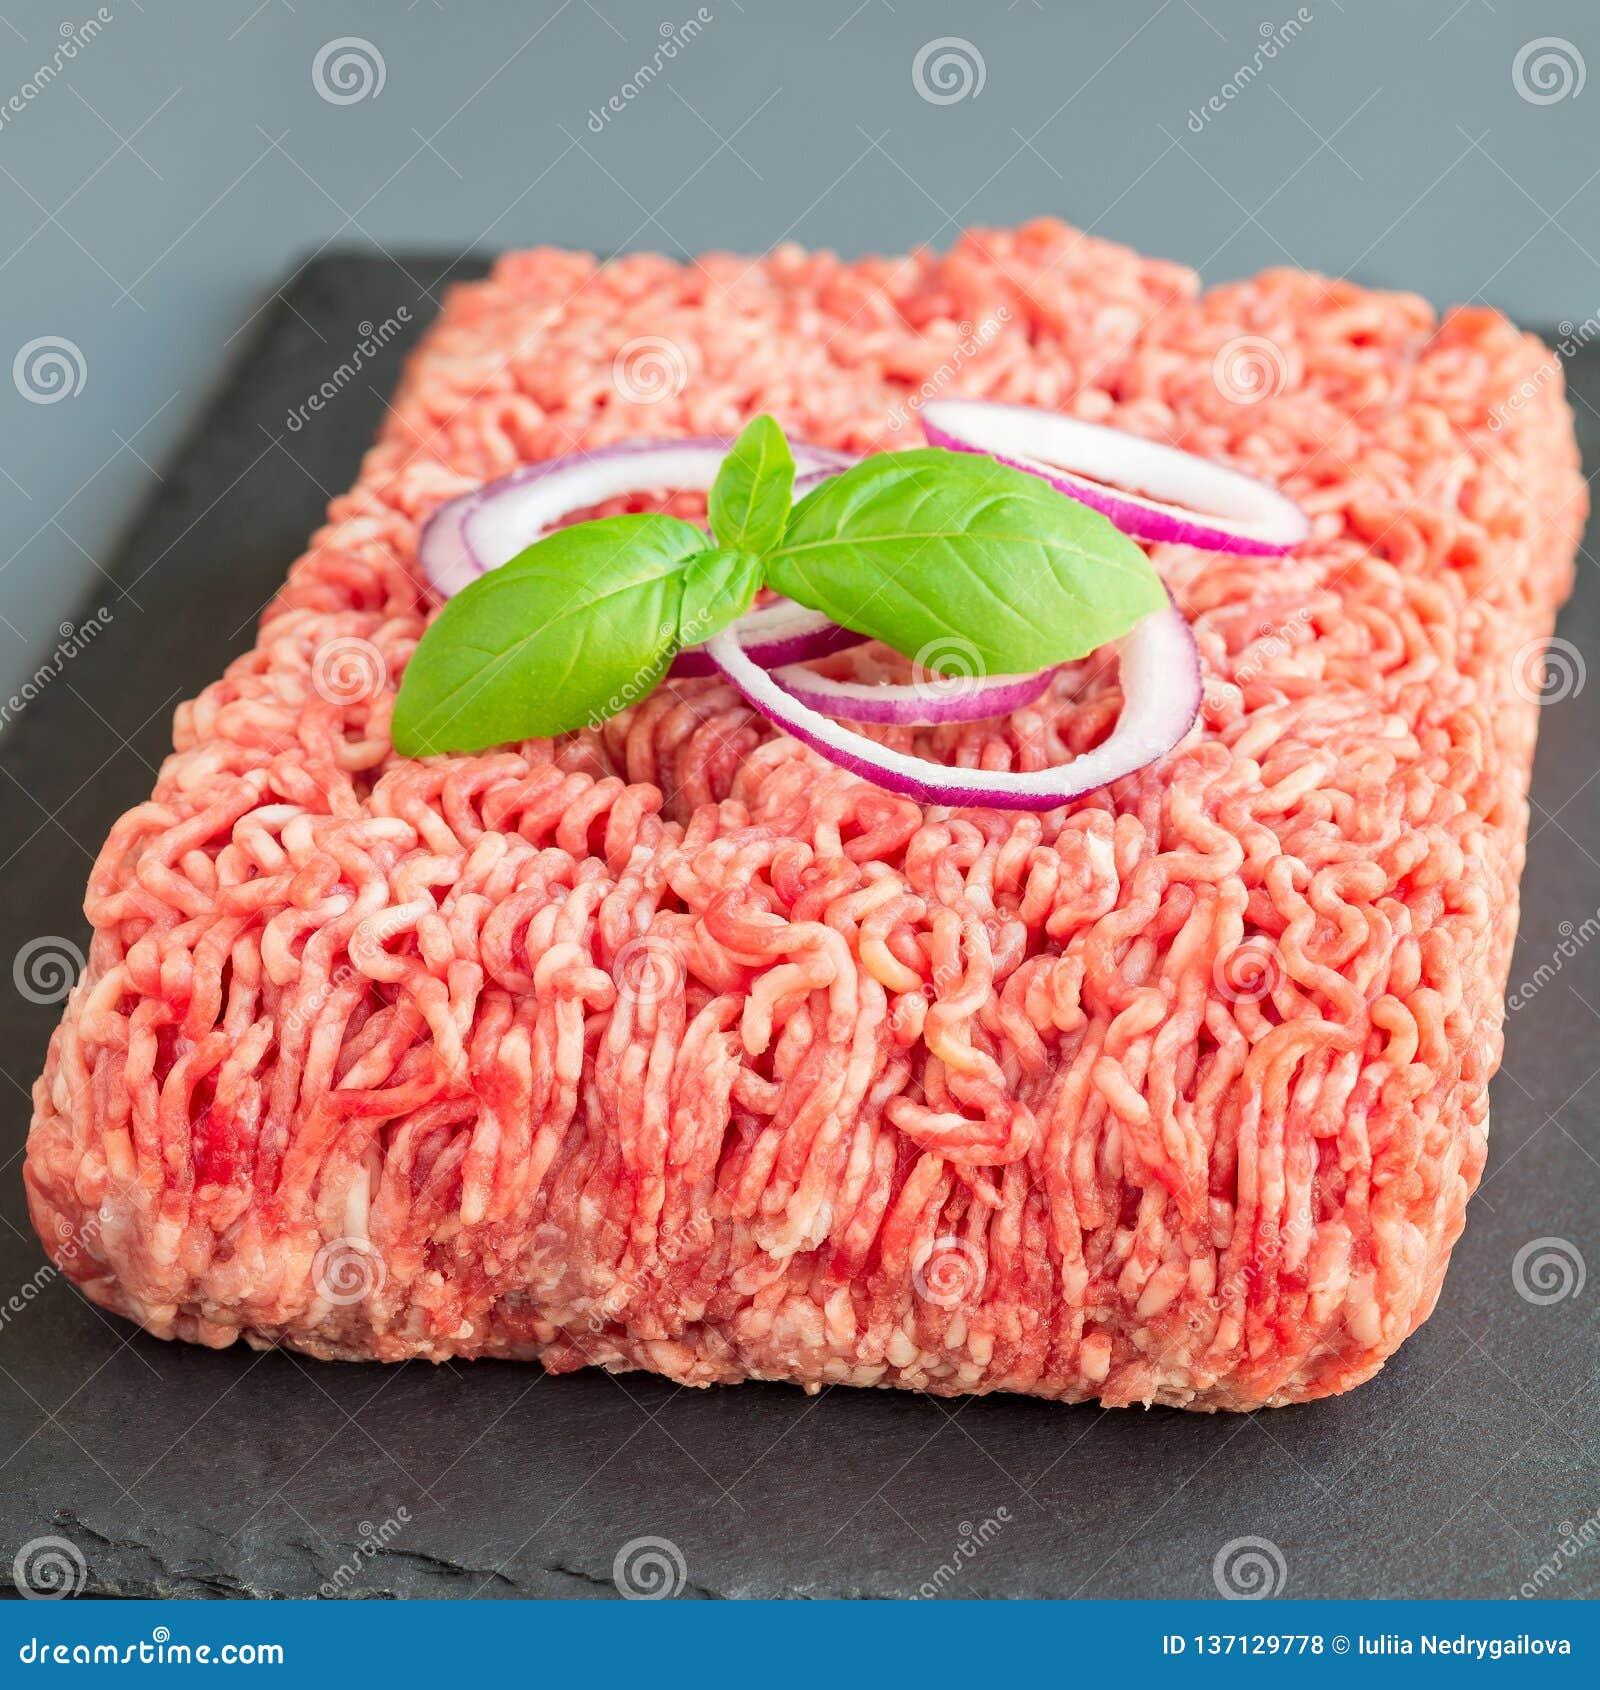 Köttfärs från griskött och nötkött Malt kött med ingredienser för att laga mat på mörker kritiserar brädet, fyrkantigt format